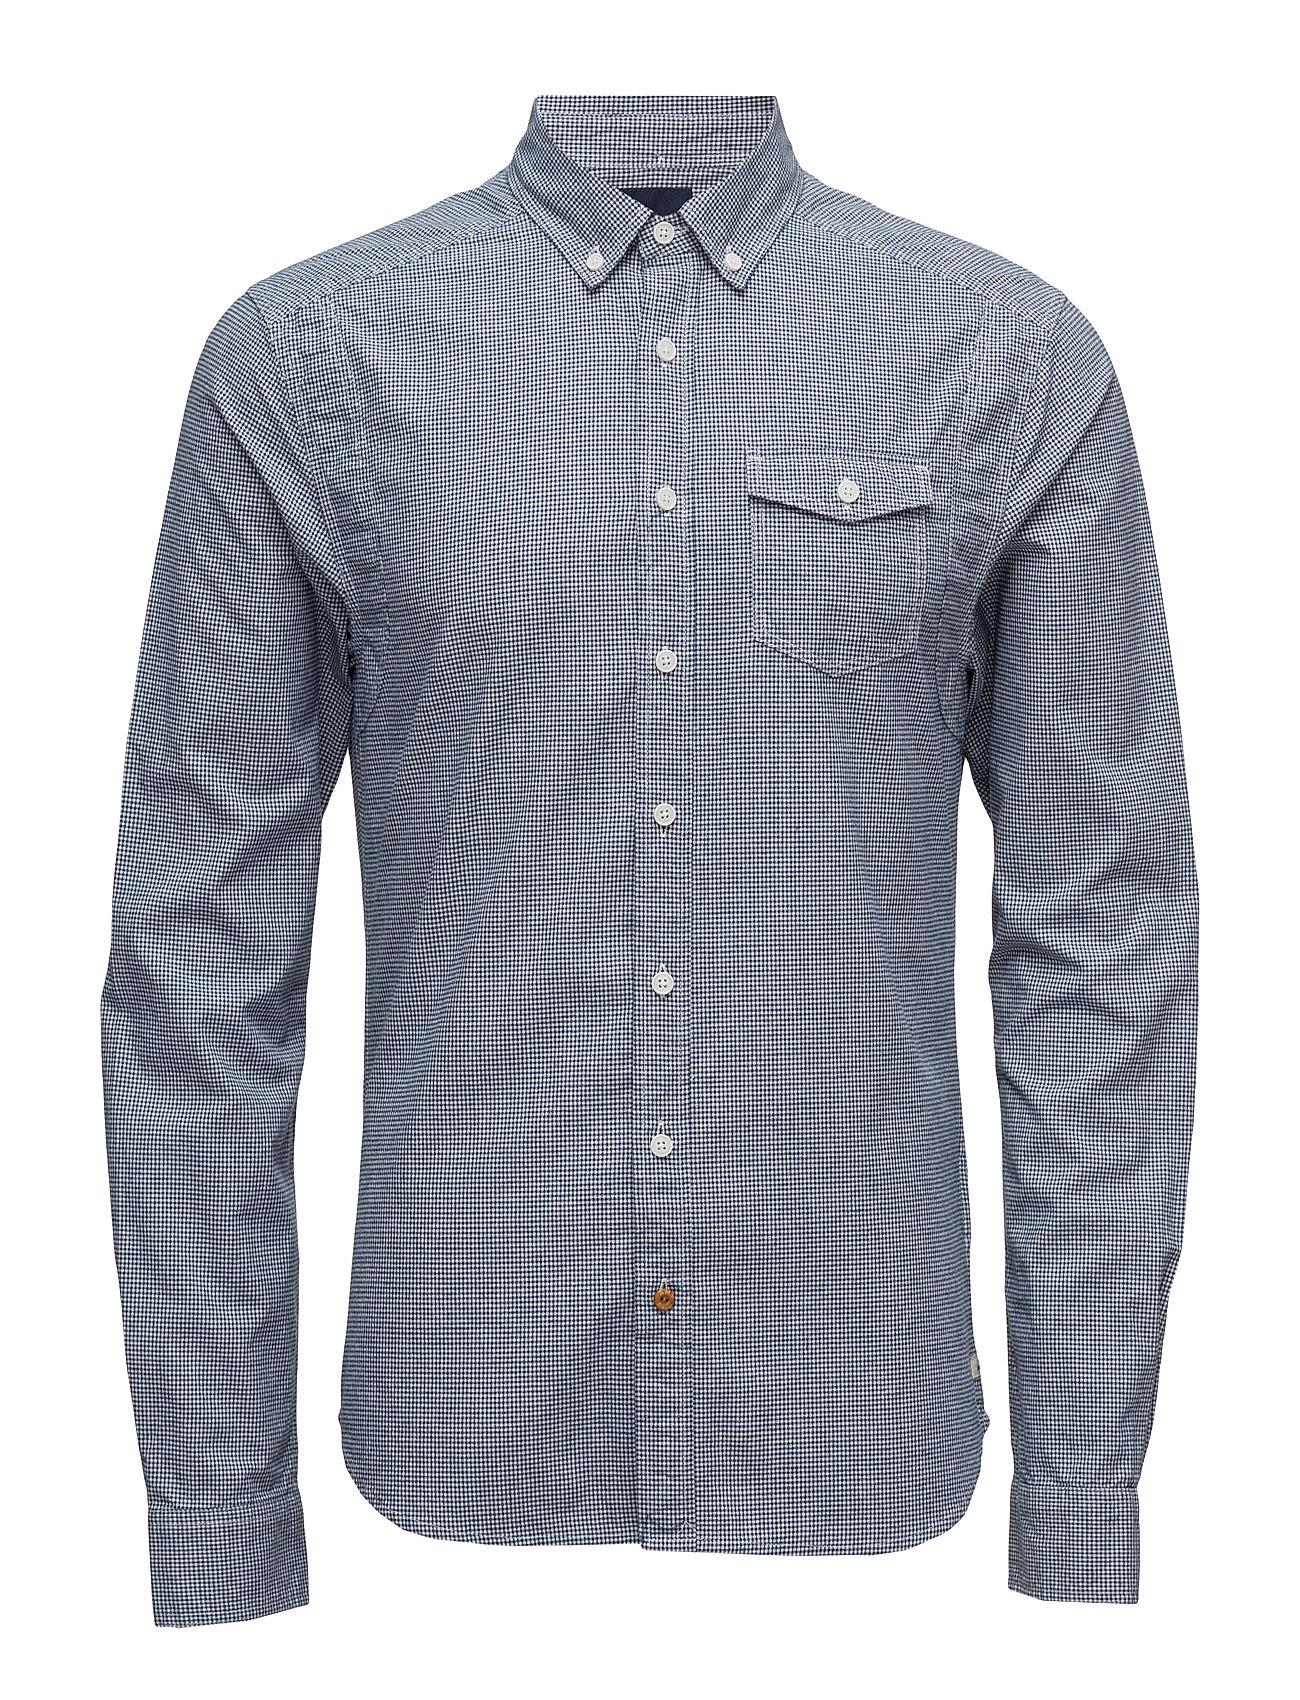 Lightweight Brushed Flannel Shirt With Workwear Elements Scotch & Soda Trøjer til Mænd i